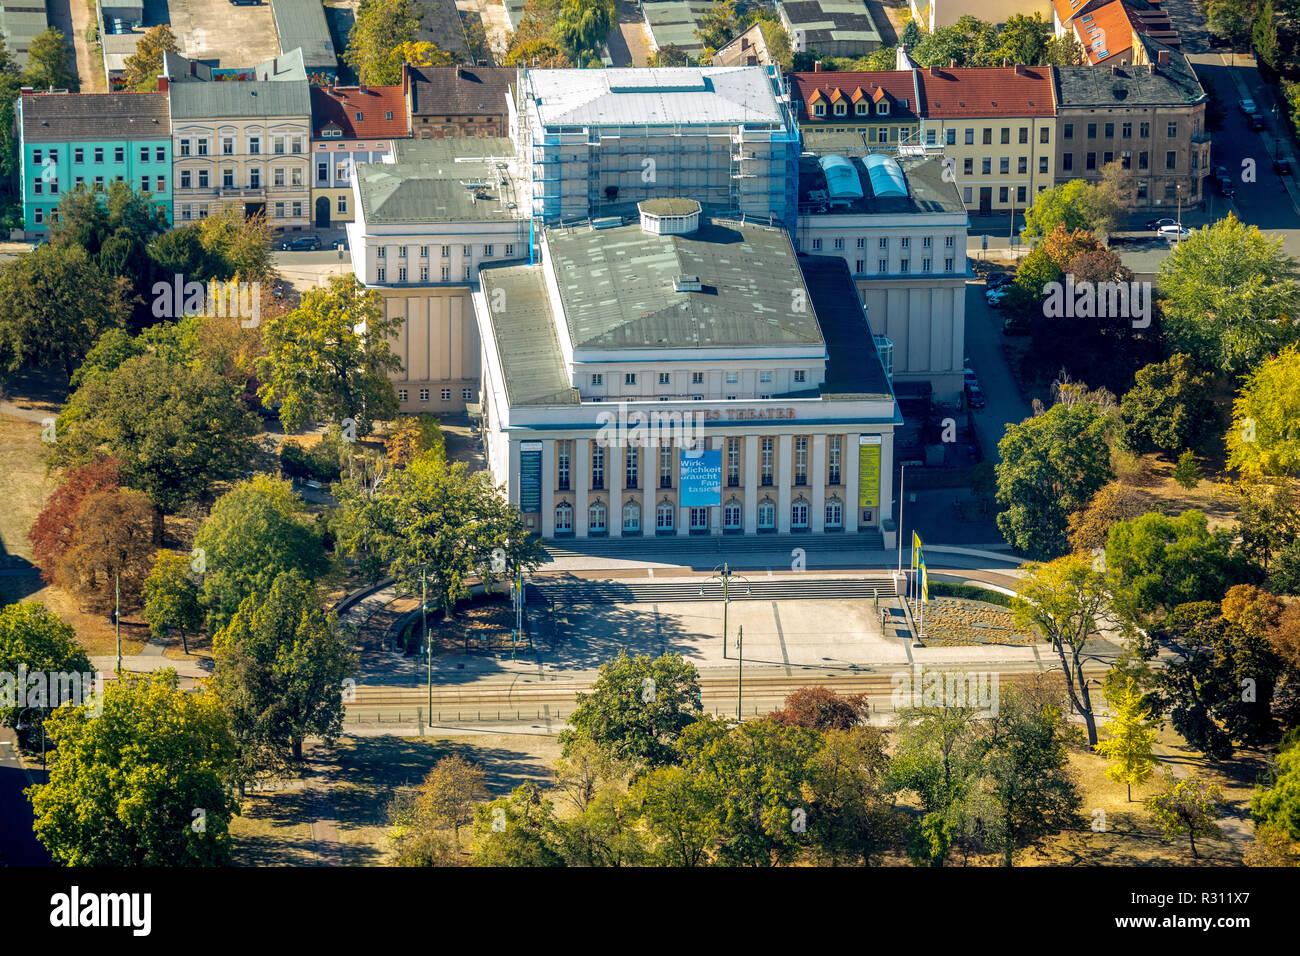 Aerial view, Anhaltisches Theater Dessau, Friedenspl Dessau, Goslar district, Saxony-Anhalt, Germany, Europe, Dessau, DEU, birds-eyes view, aerial vie - Stock Image